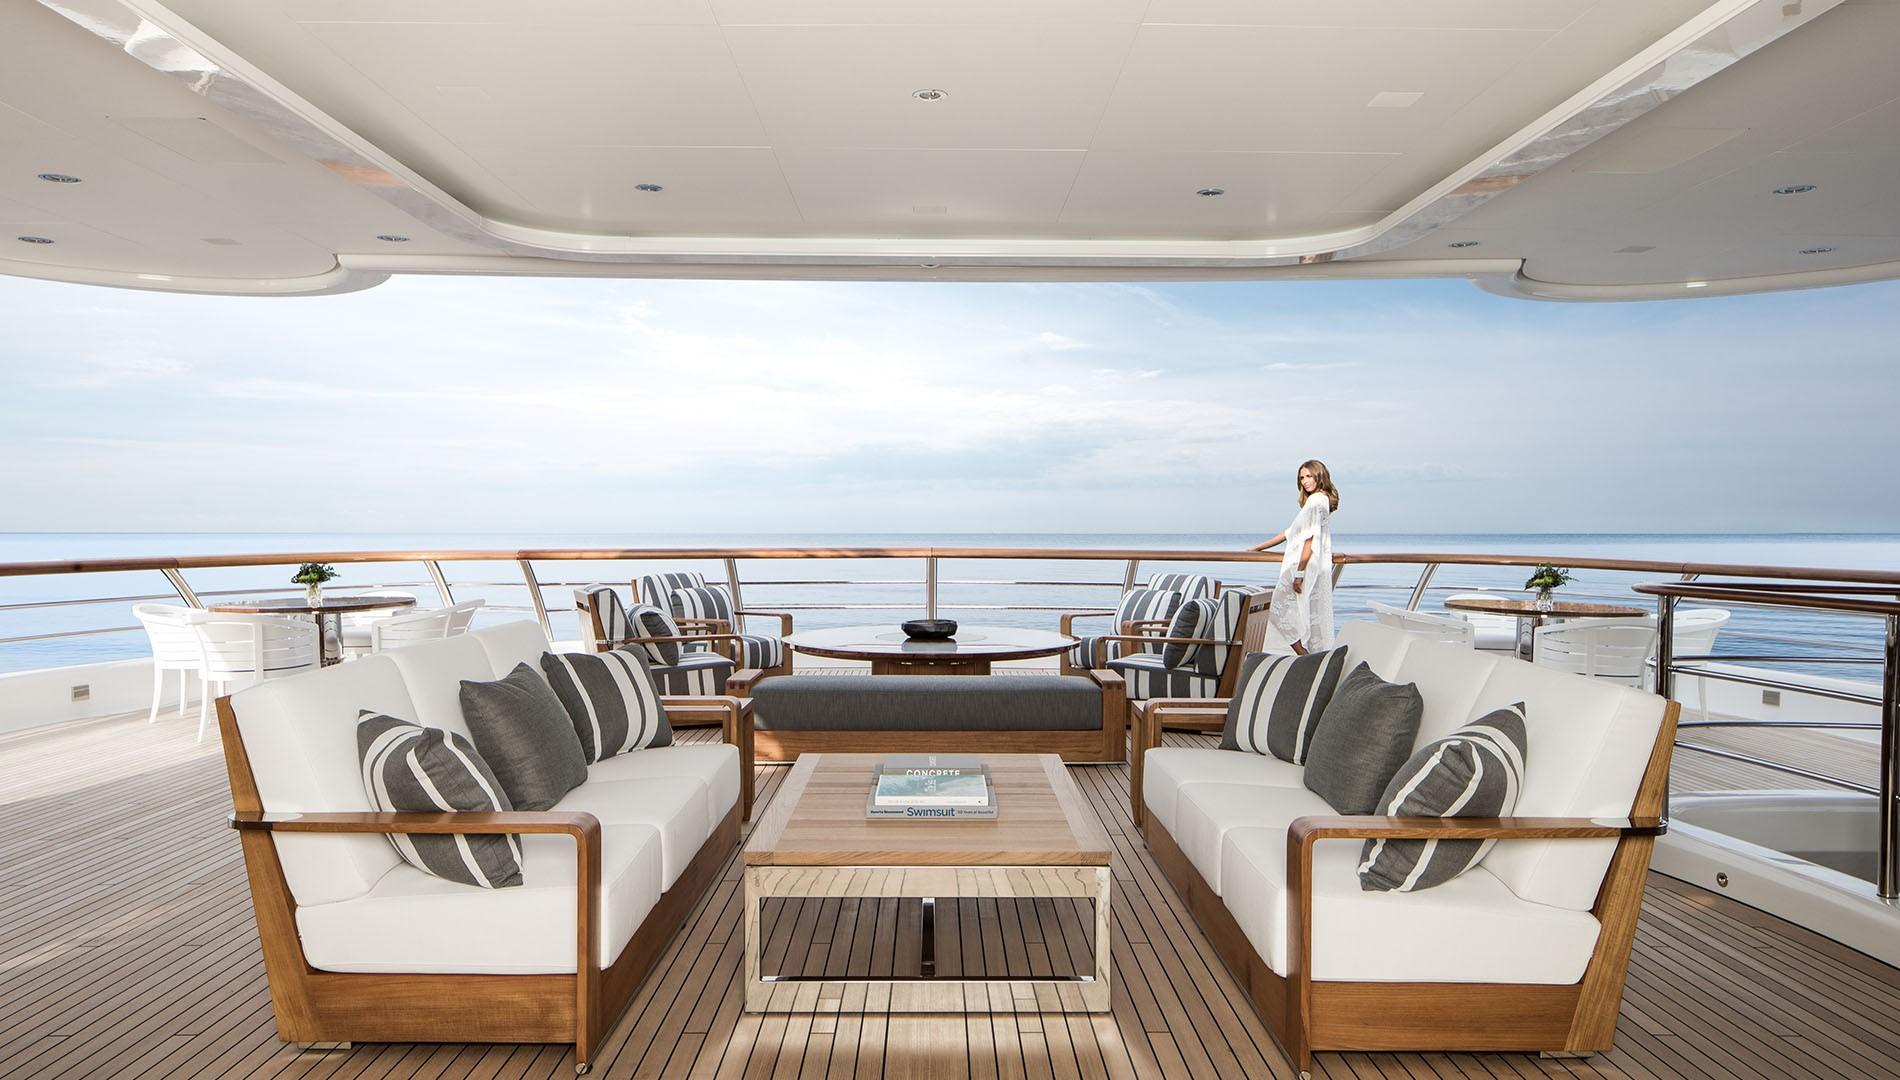 Alquiler de barcos y yates de lujo. Alquiler de yates baratos DERECKOR